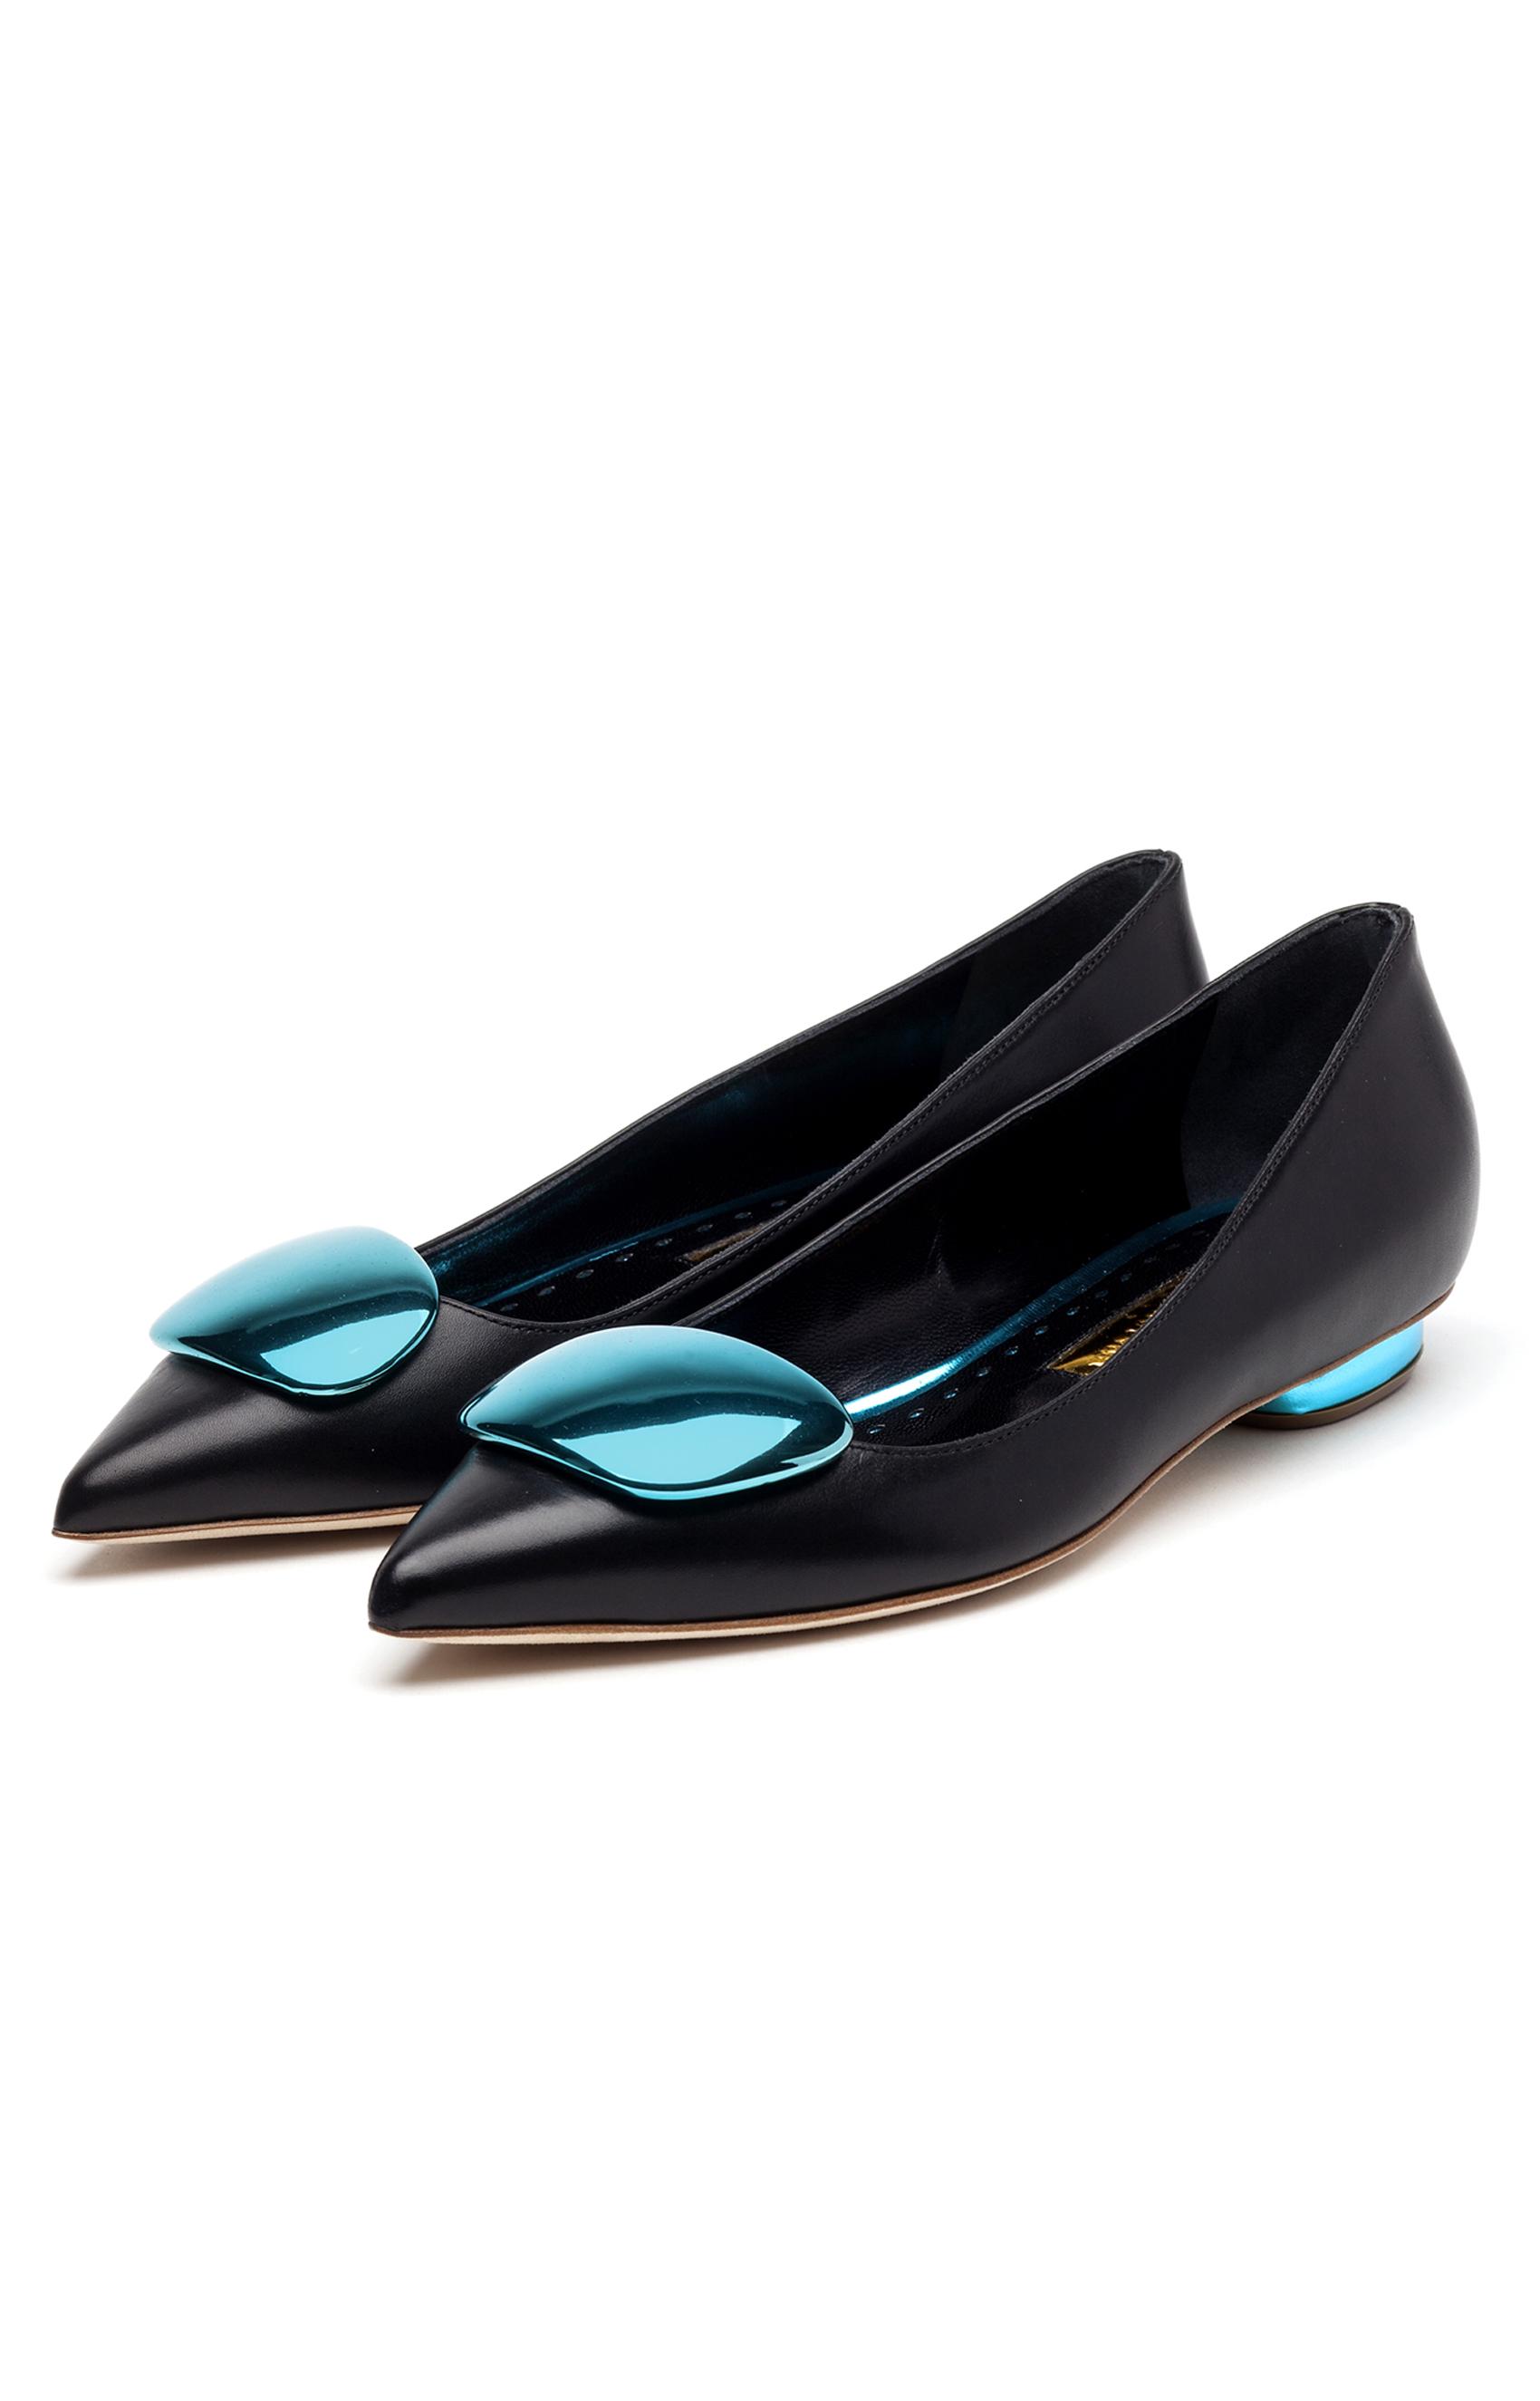 Rupert Sanderson<br>Twinkle Black calf turquoise PIR